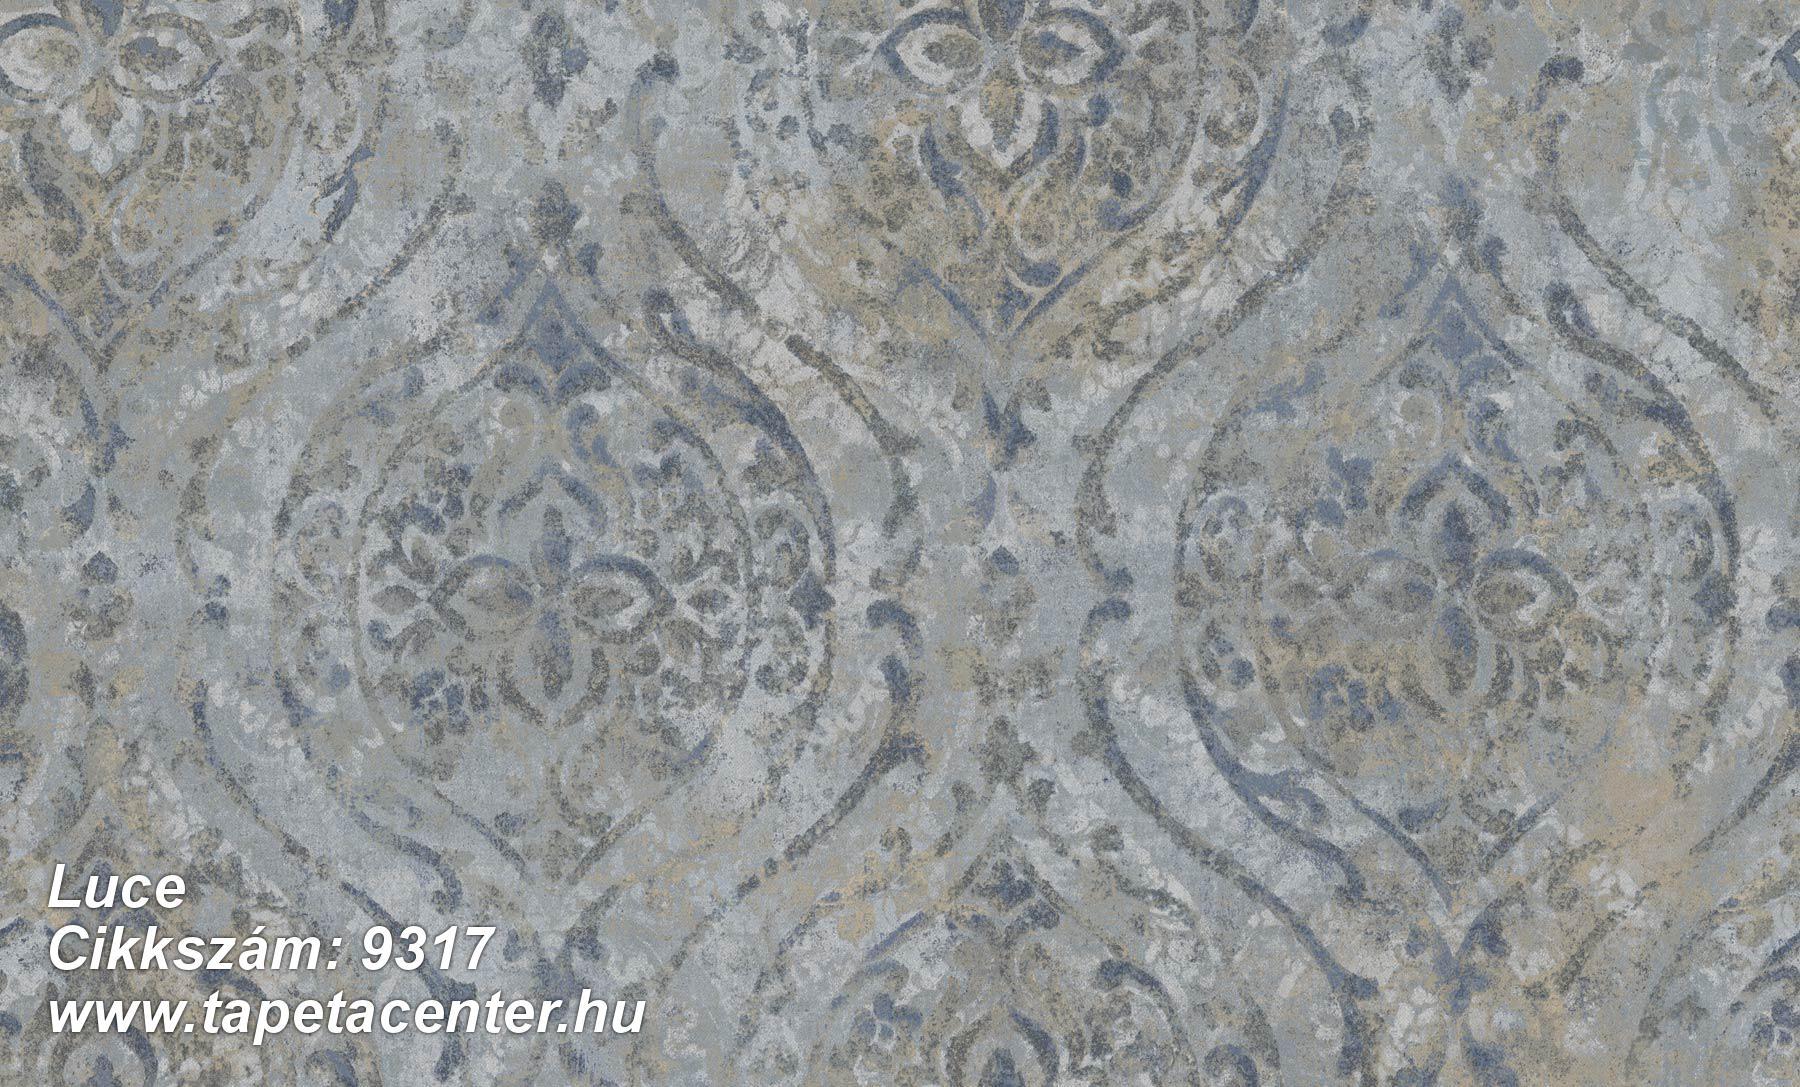 Barokk-klasszikus,különleges felületű,különleges motívumos,textil hatású,barna,kék,szürke,súrolható,vlies tapéta